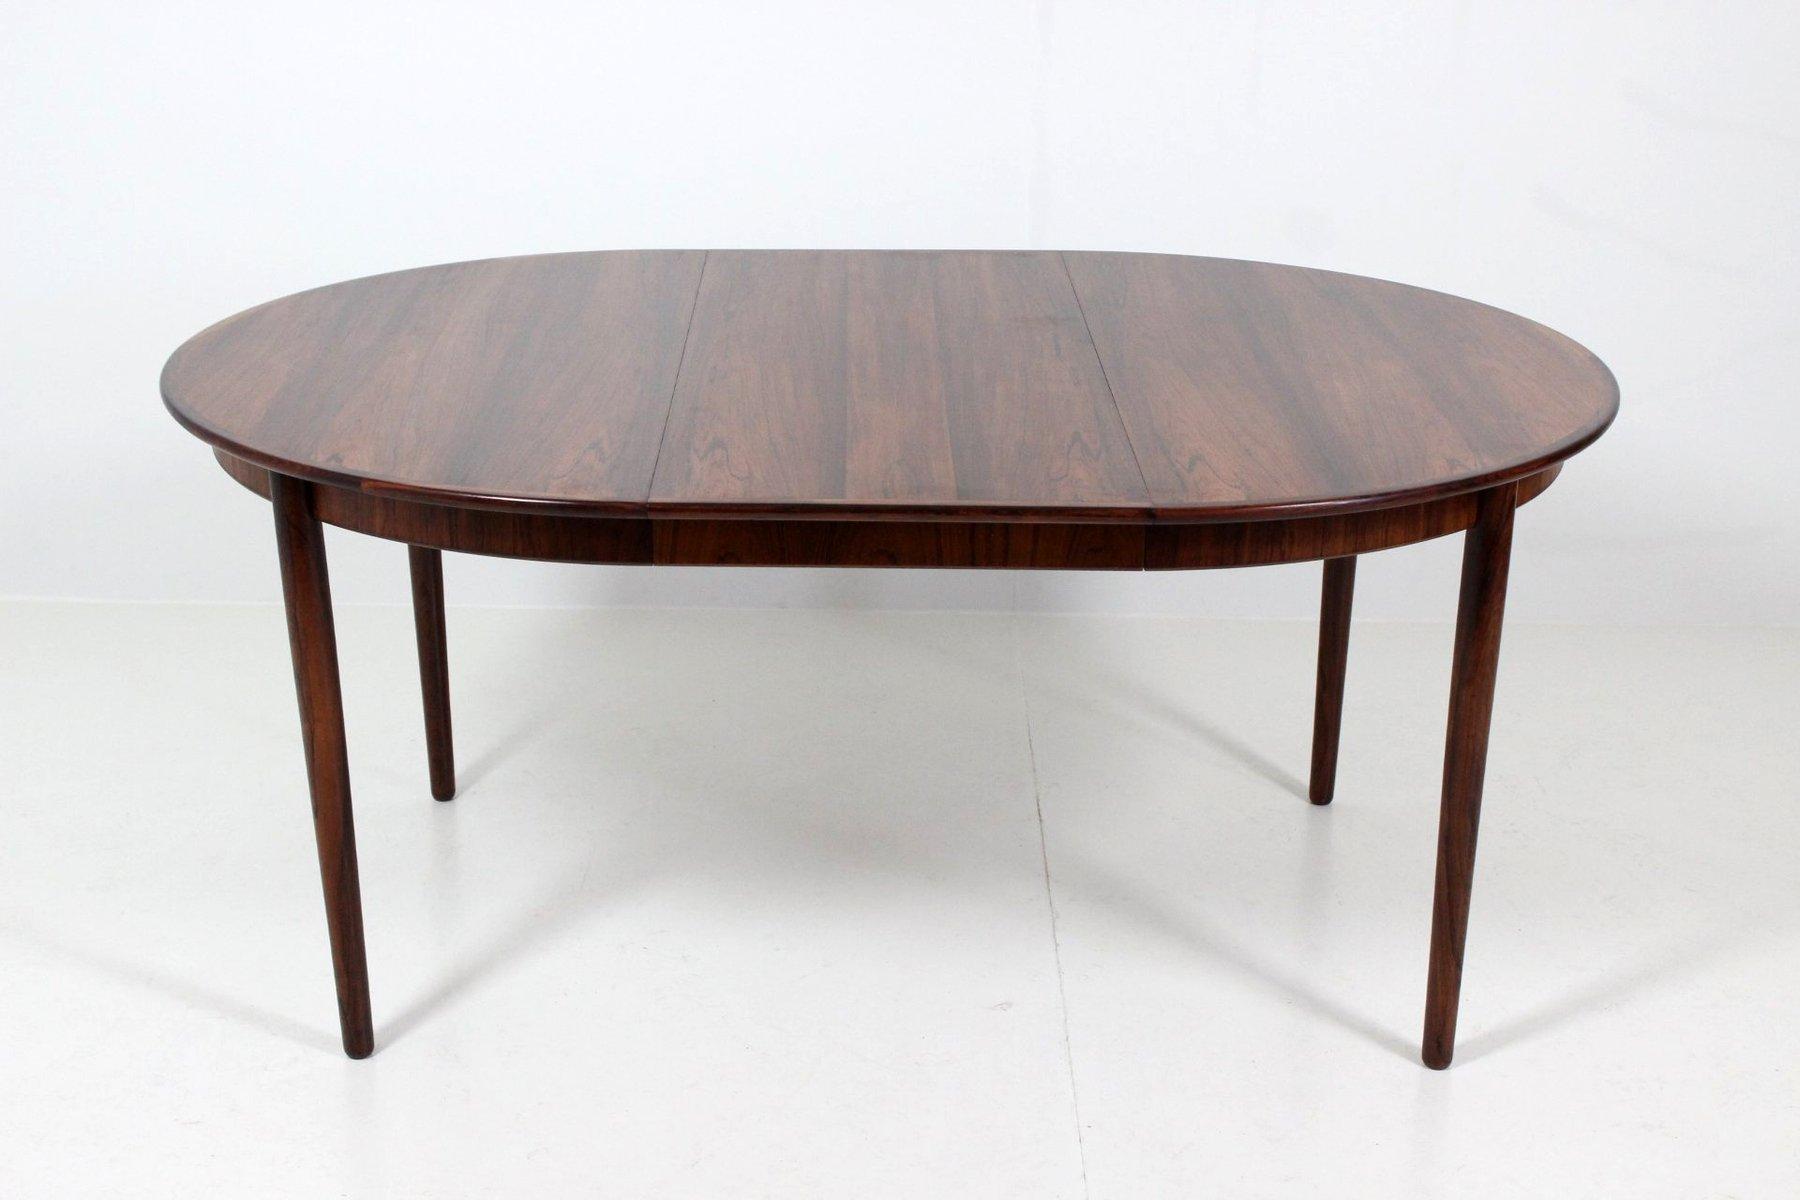 ausziehbarer runder esstisch von bernhard pedersen f r bernhard pedersen son bei pamono kaufen. Black Bedroom Furniture Sets. Home Design Ideas